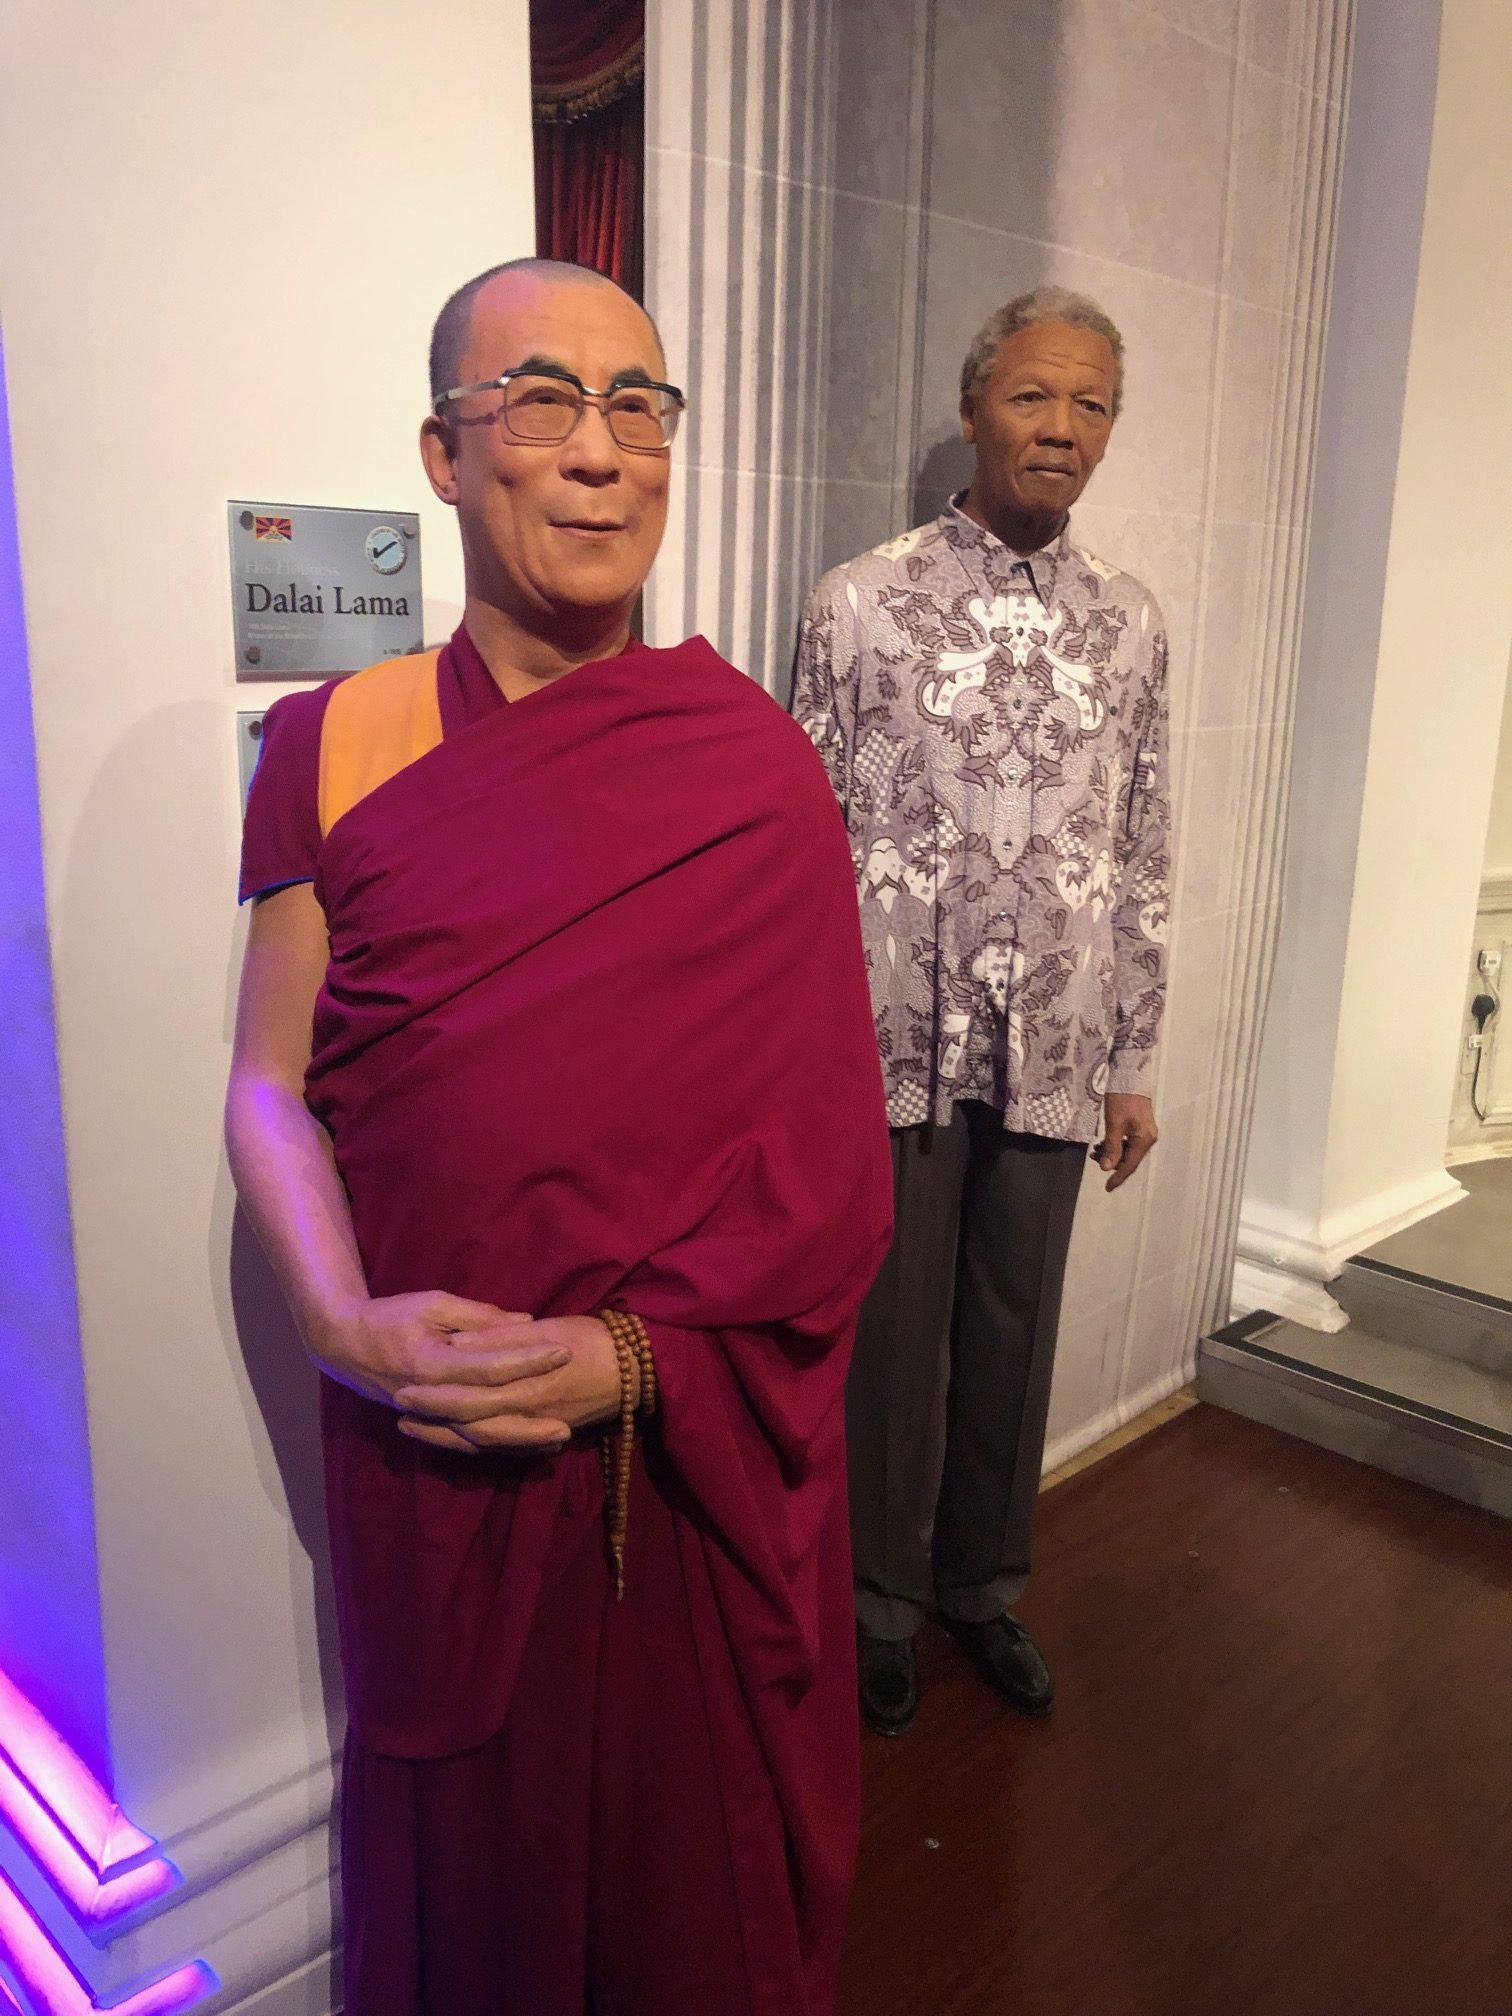 Mandela and Dalai Lama Wax Statues